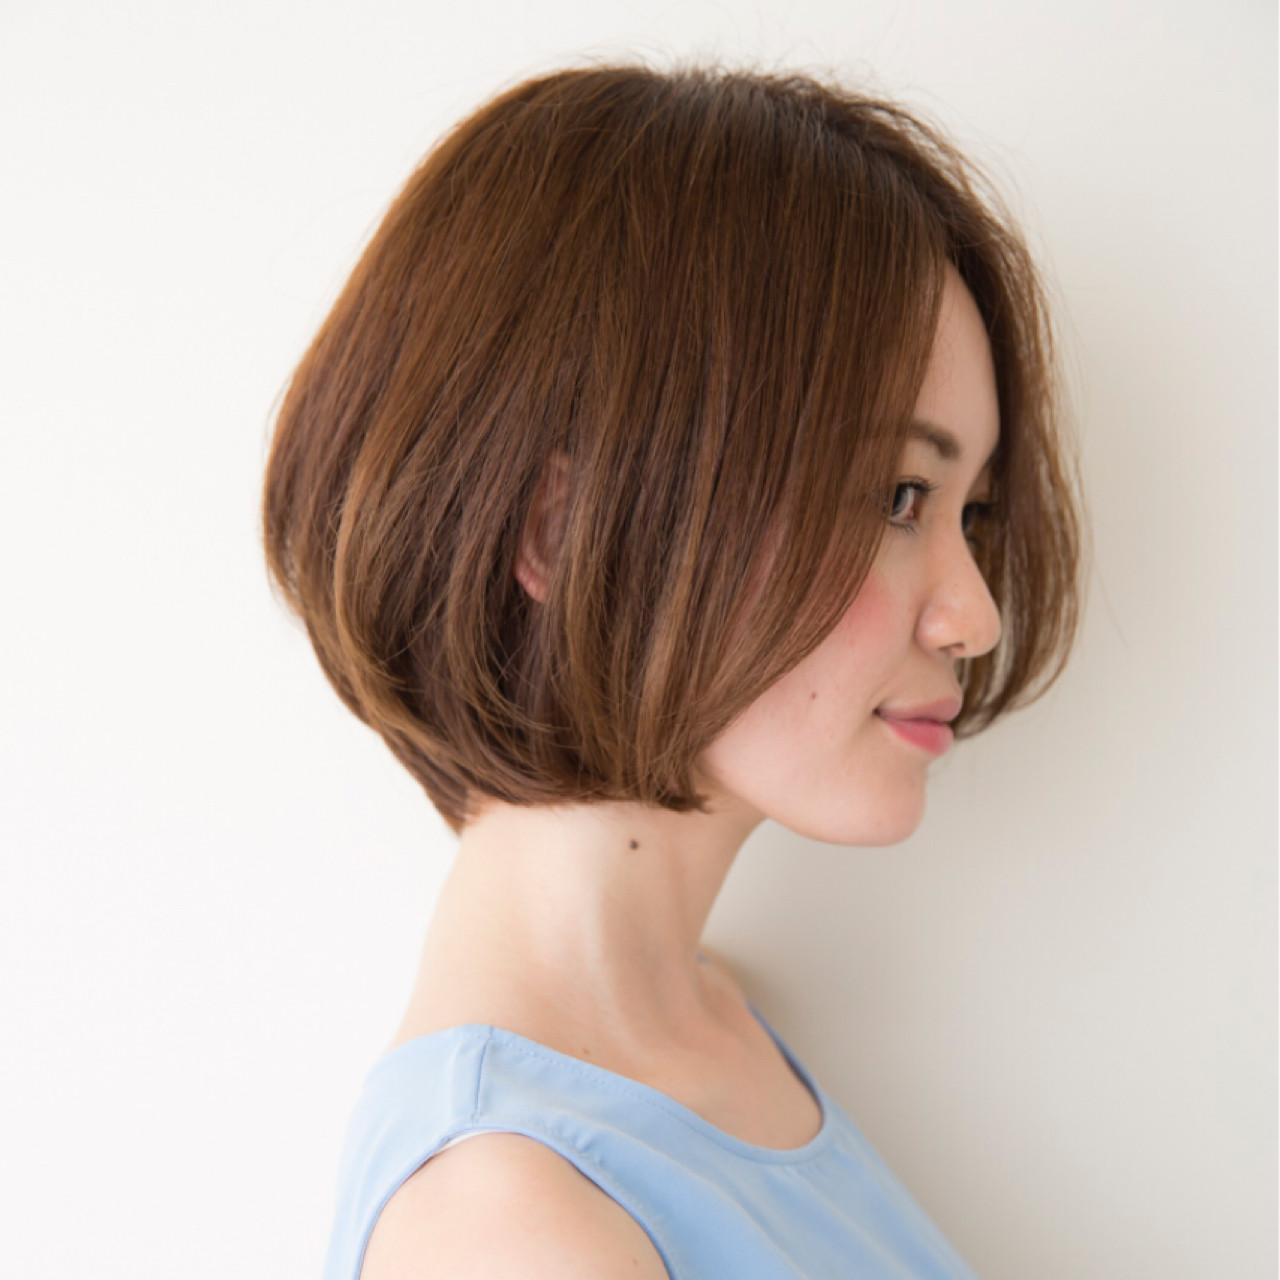 ウェーブ 大人かわいい フェミニン デート ヘアスタイルや髪型の写真・画像